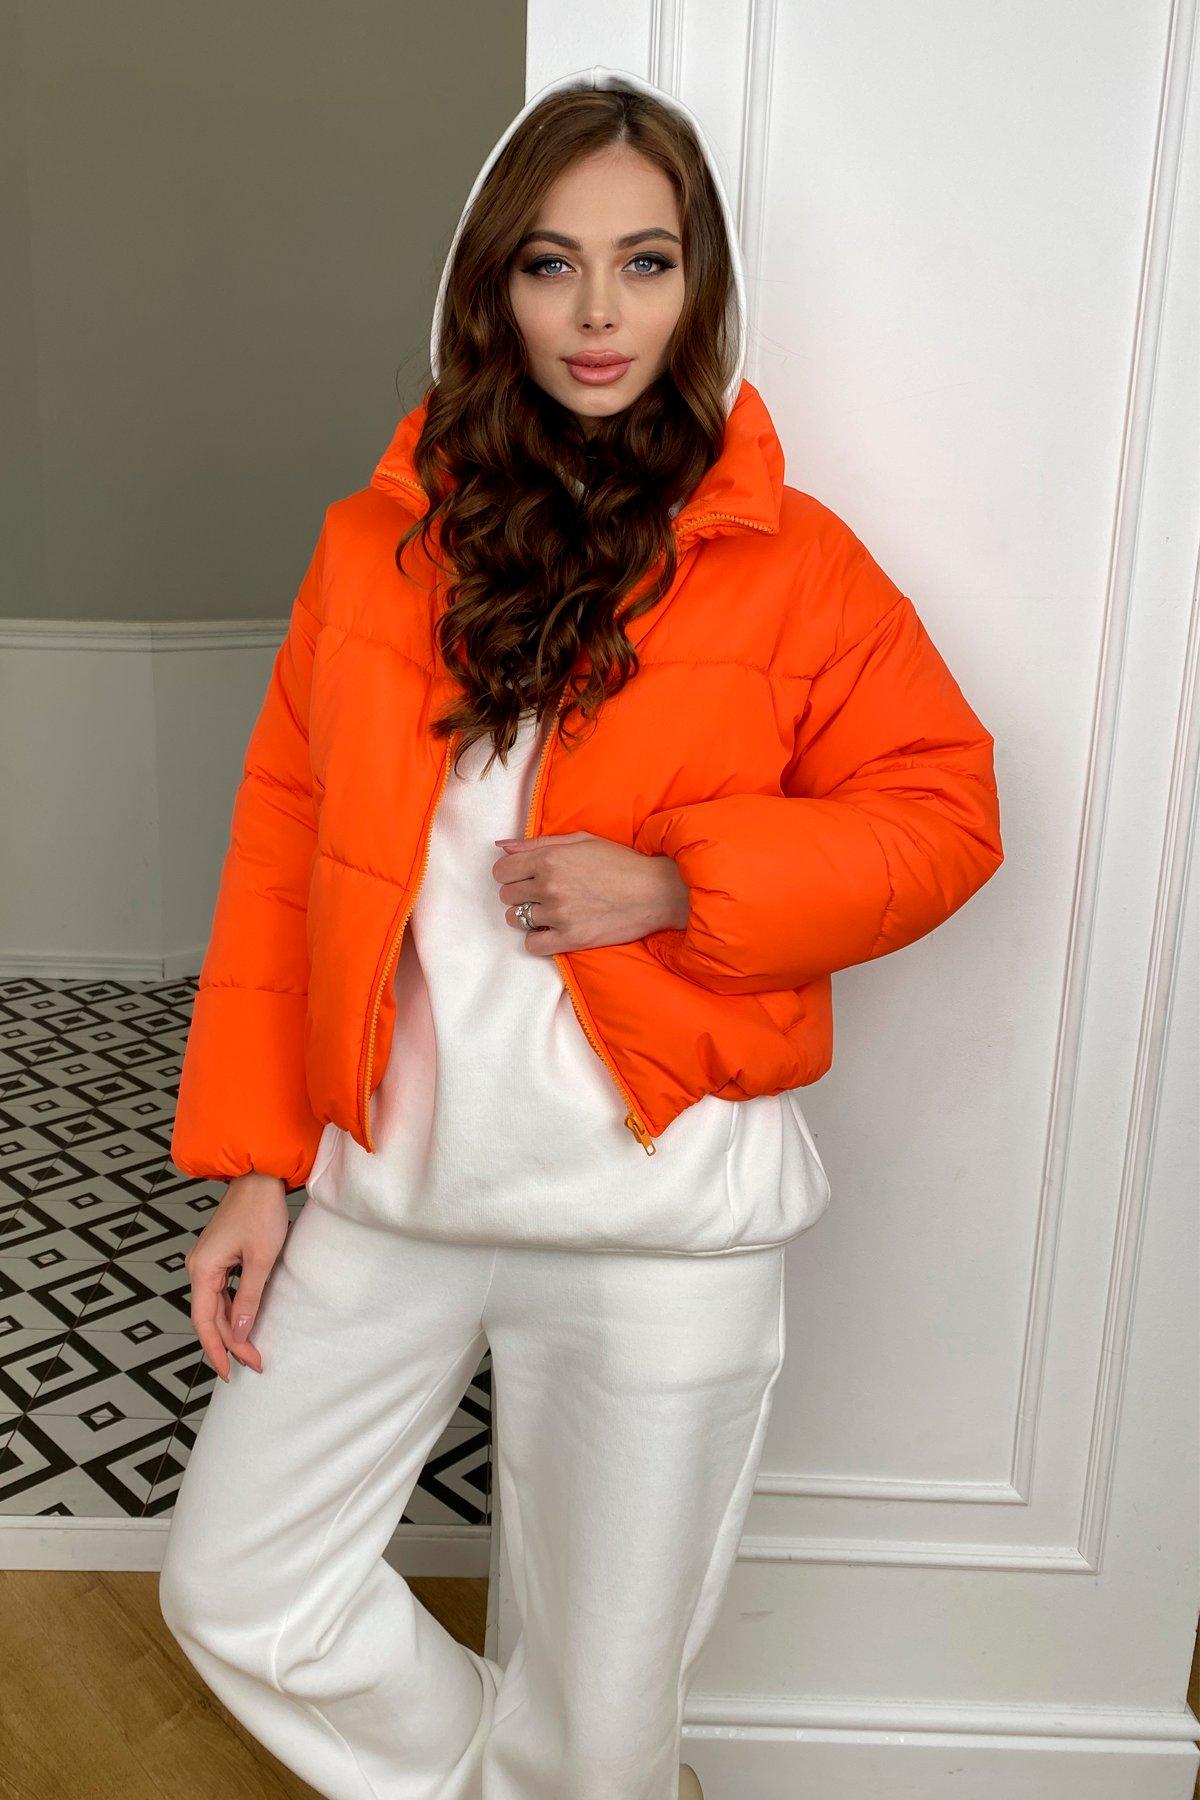 Драйв куртка из плащевой ткани 10448 АРТ. 46766 Цвет: Оранжевый 788 - фото 2, интернет магазин tm-modus.ru